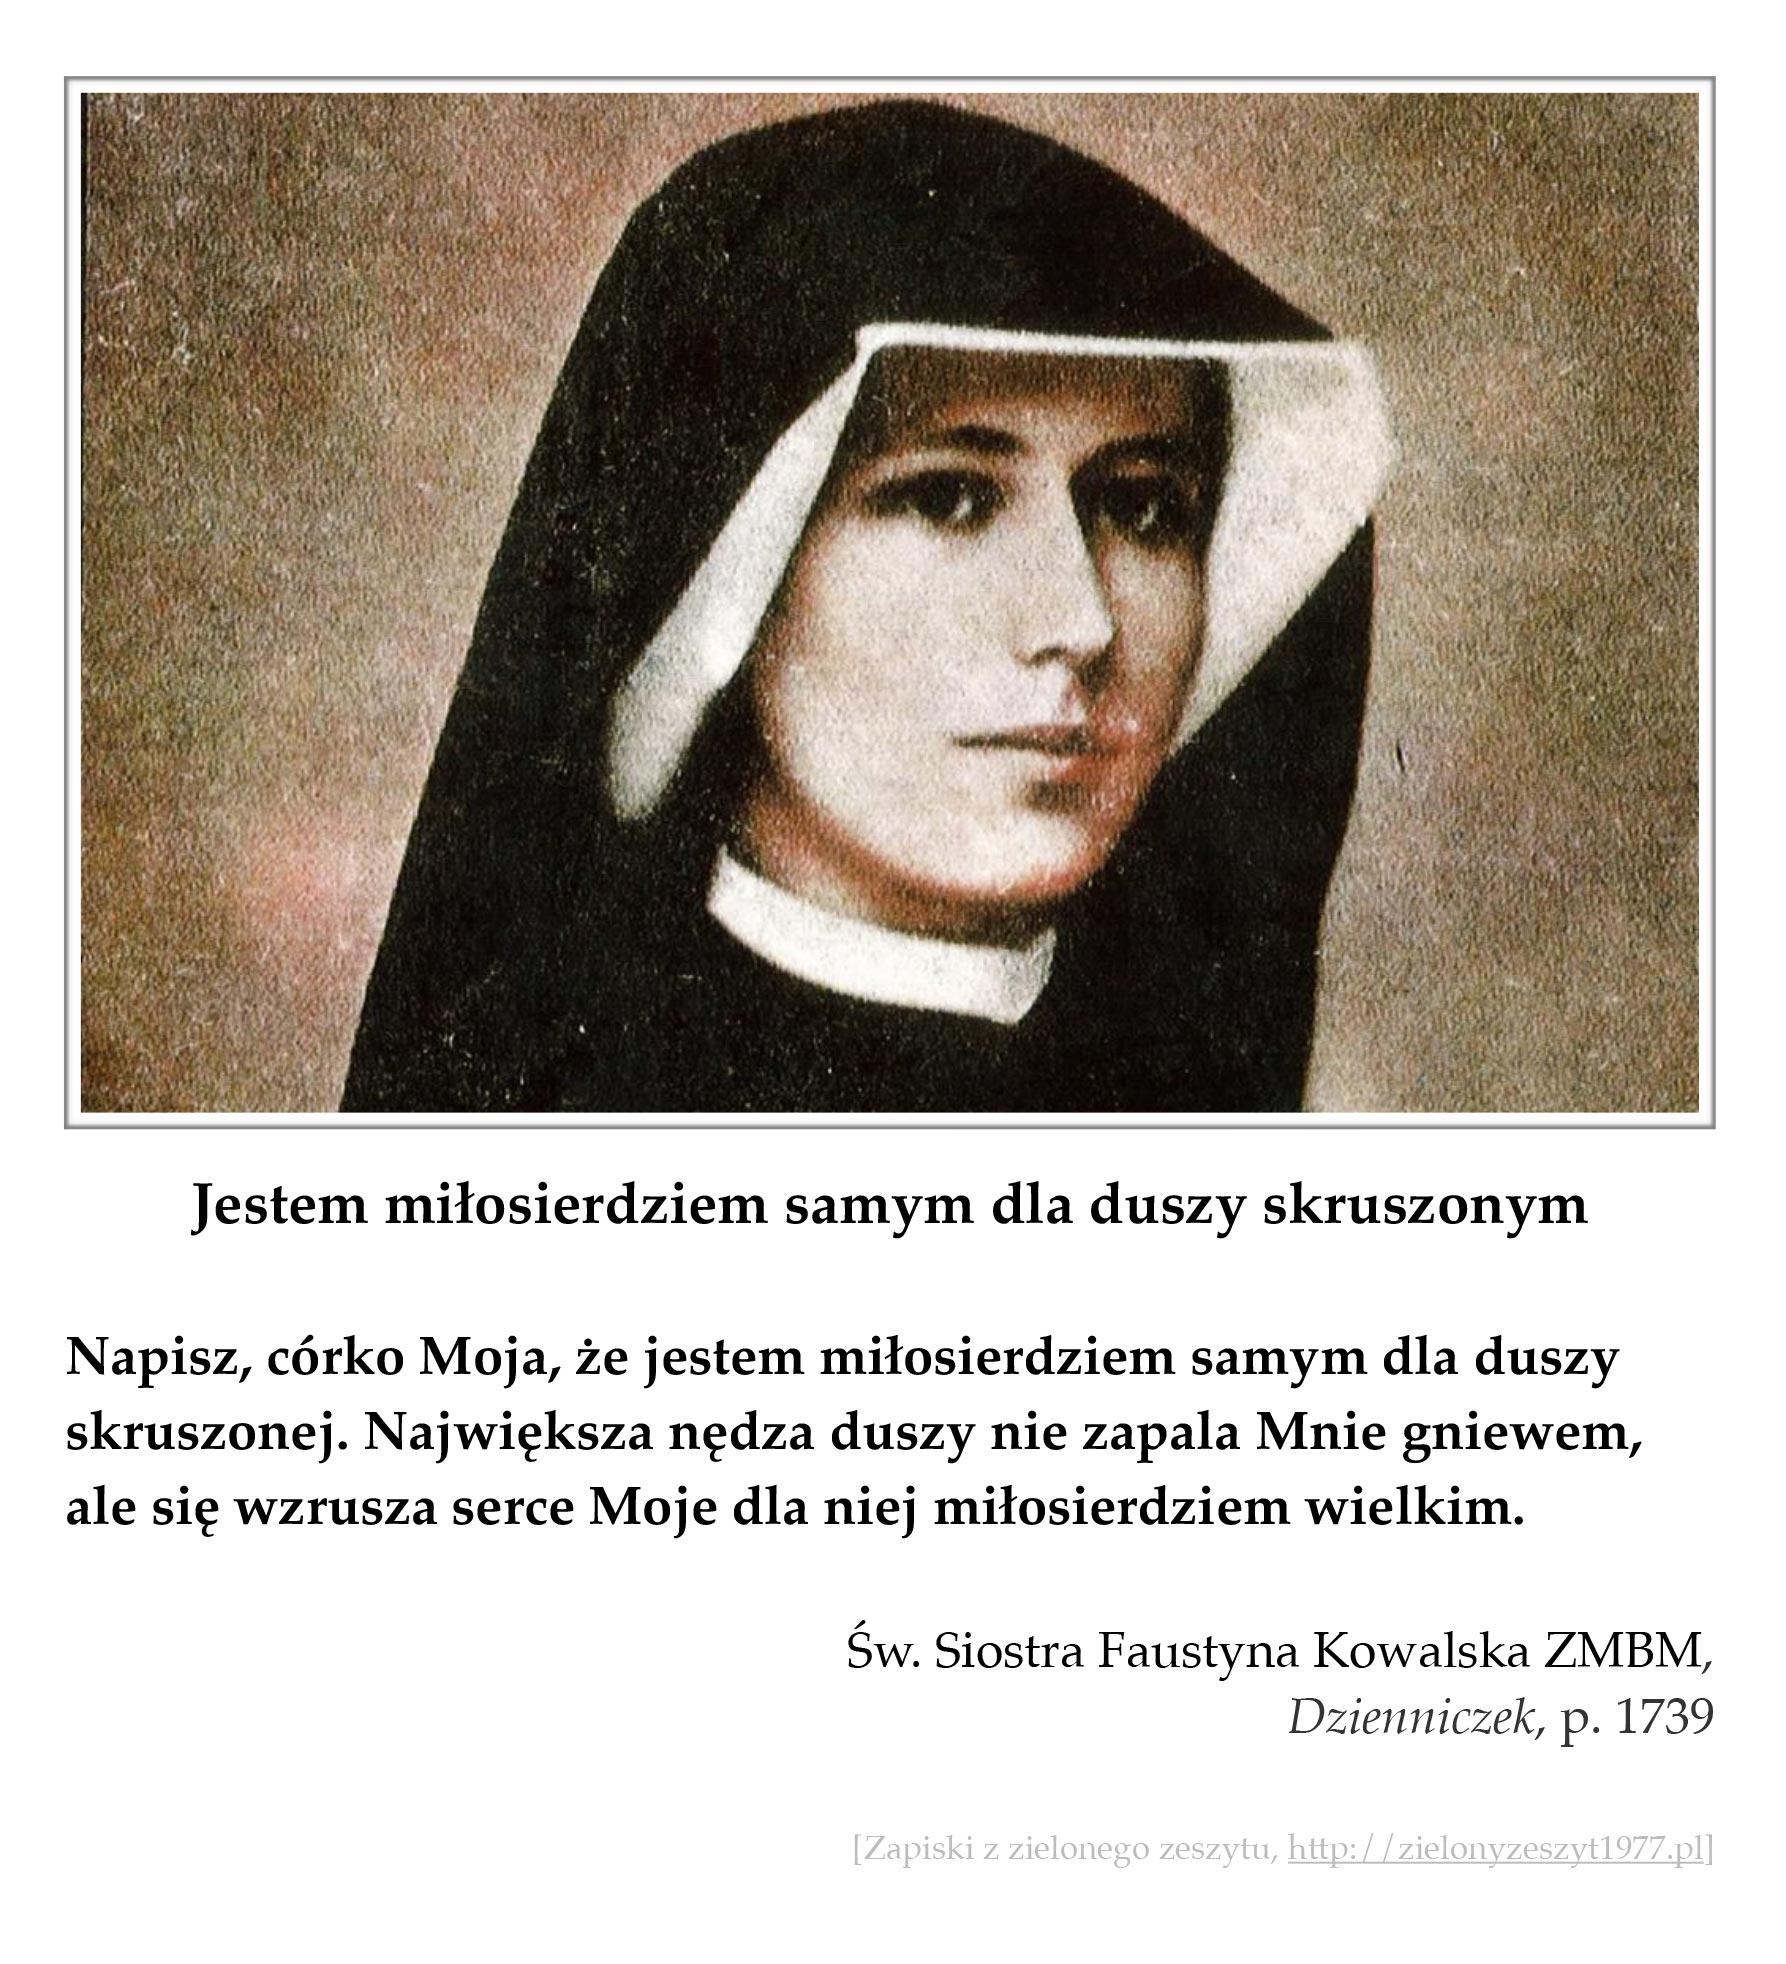 """Św. Siostra Faustyna Kowalska ZMBM, """"Dzienniczek"""", p. 1739 (Jestem miłosierdziem samym dla duszy skruszonym)"""